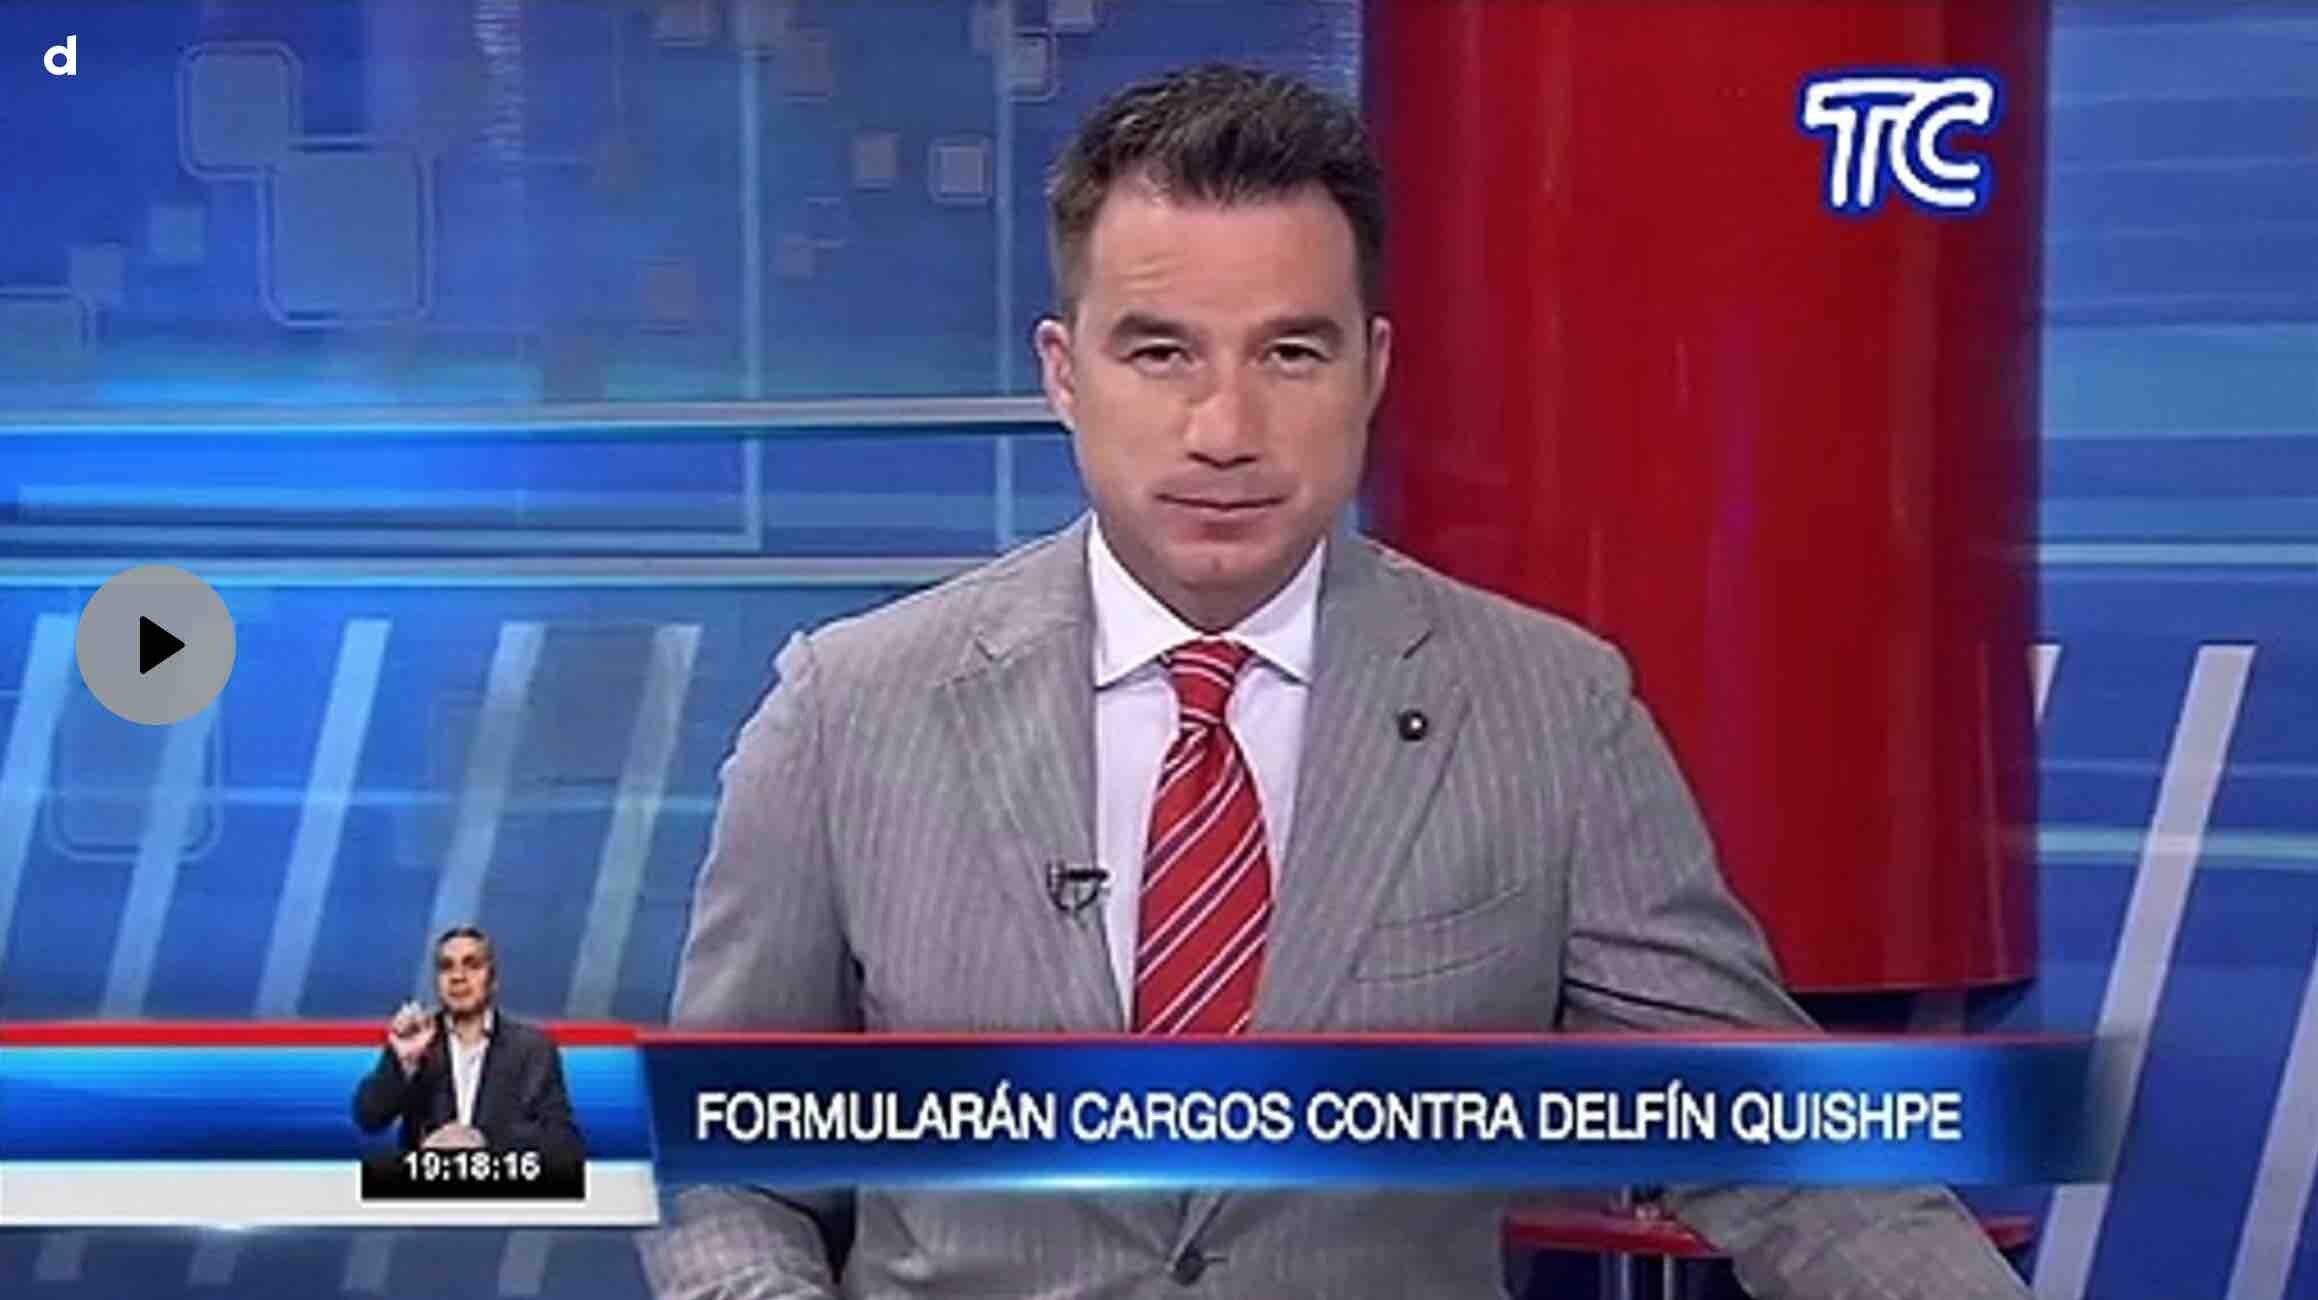 VIDEO | Este martes se llevará a cabo la audiencia de formulación de cargos contra Delfín Q. alcalde de Guamote